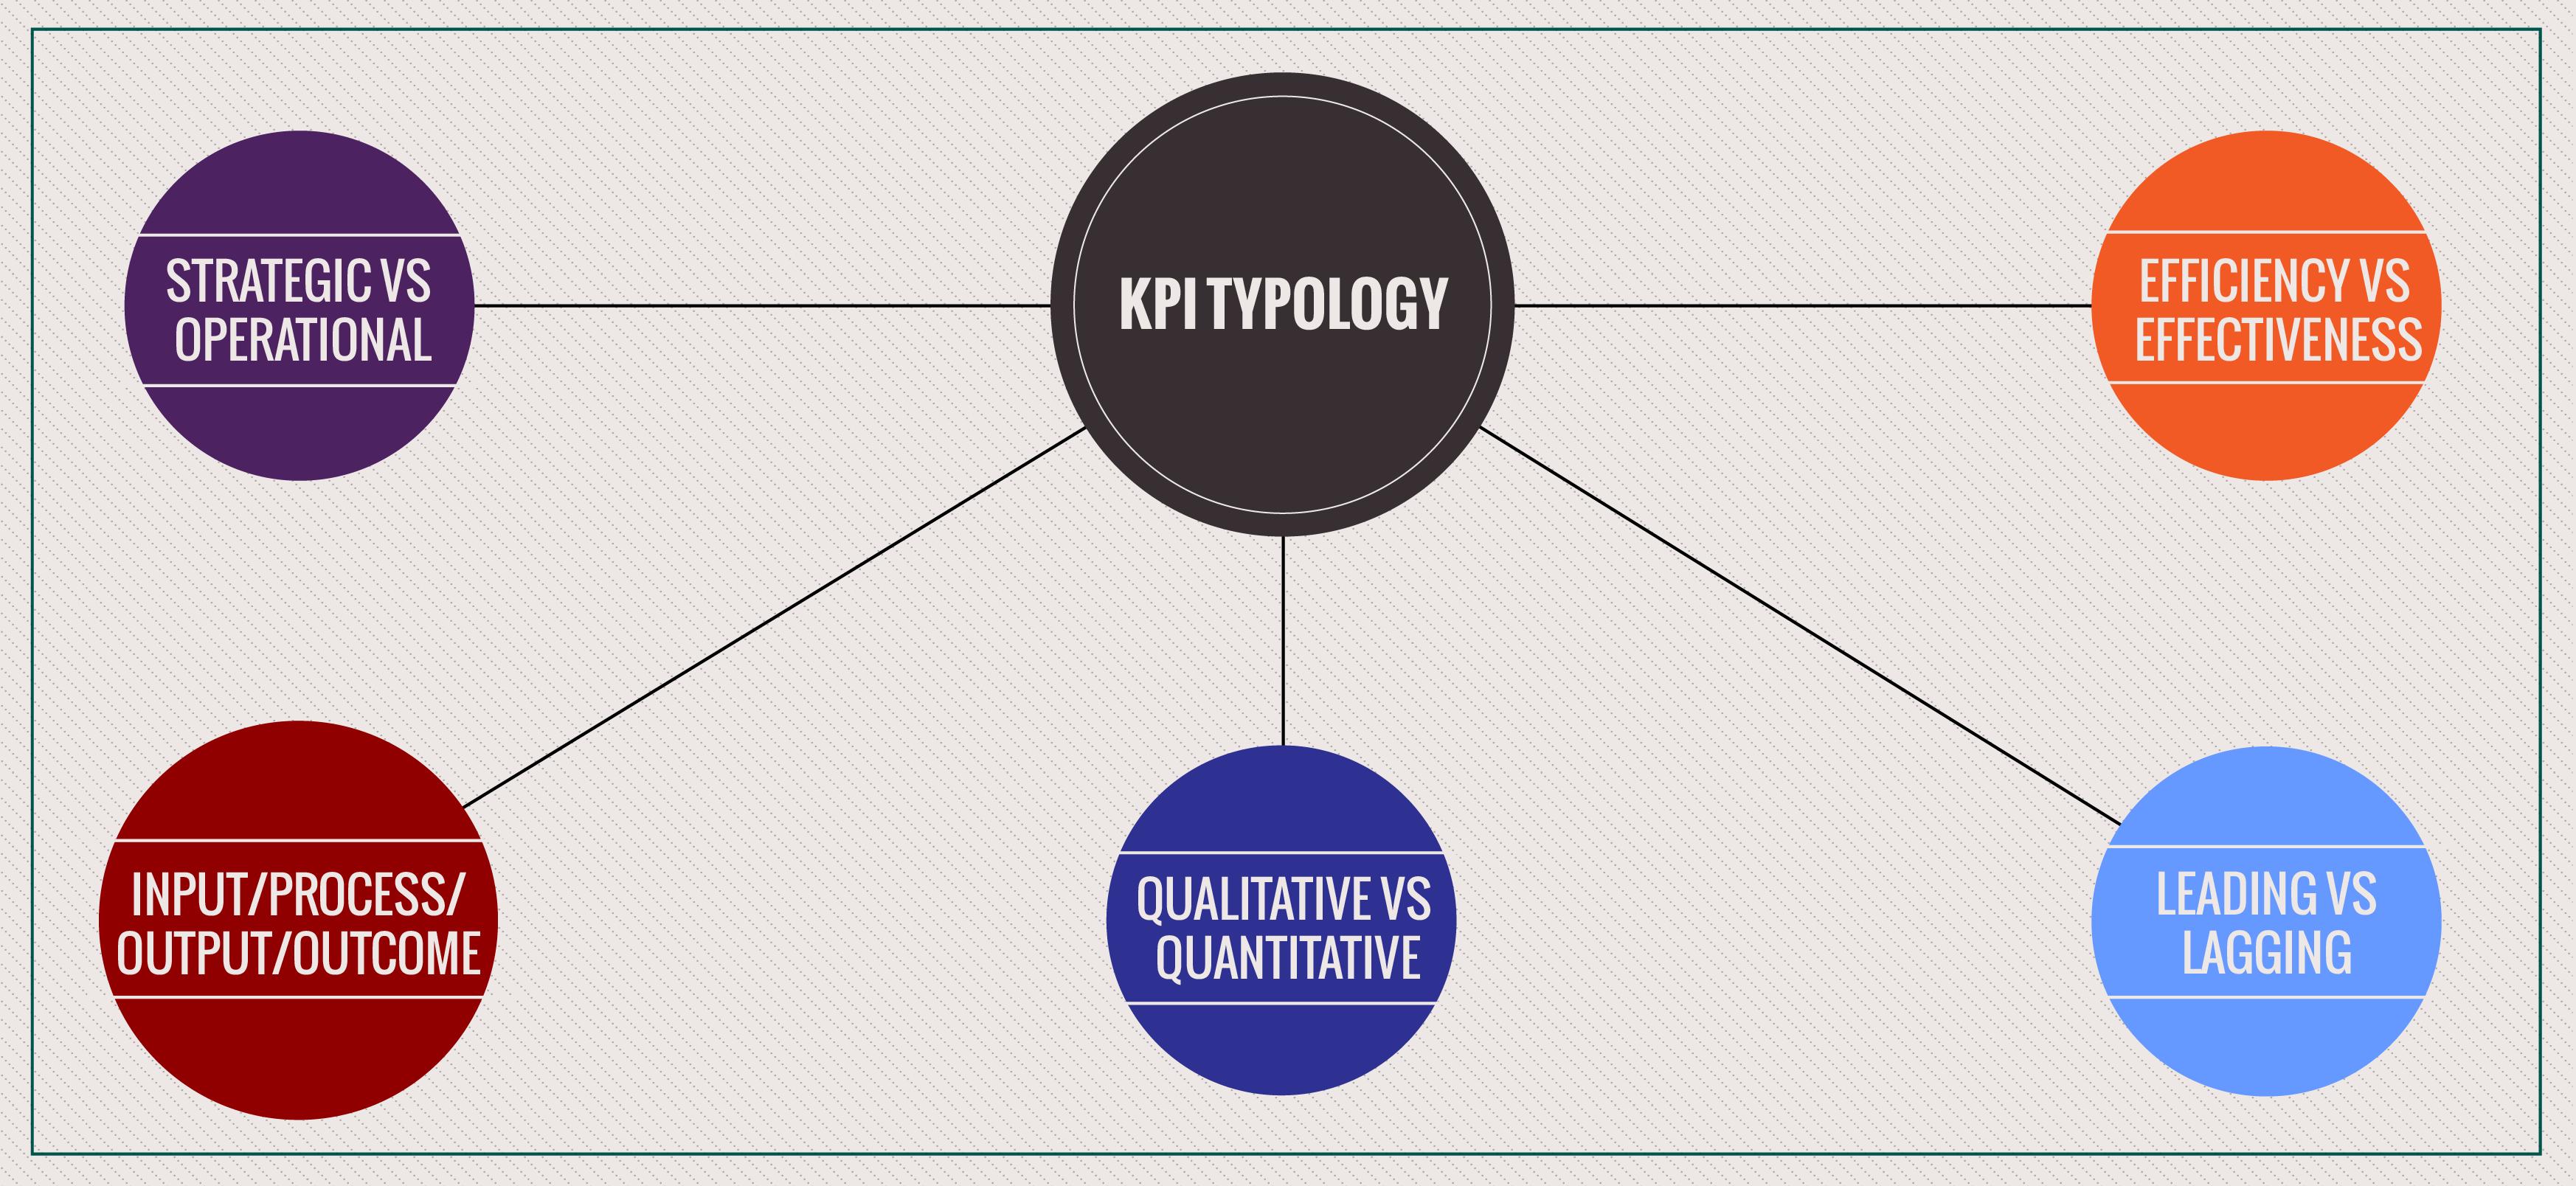 KPI typology